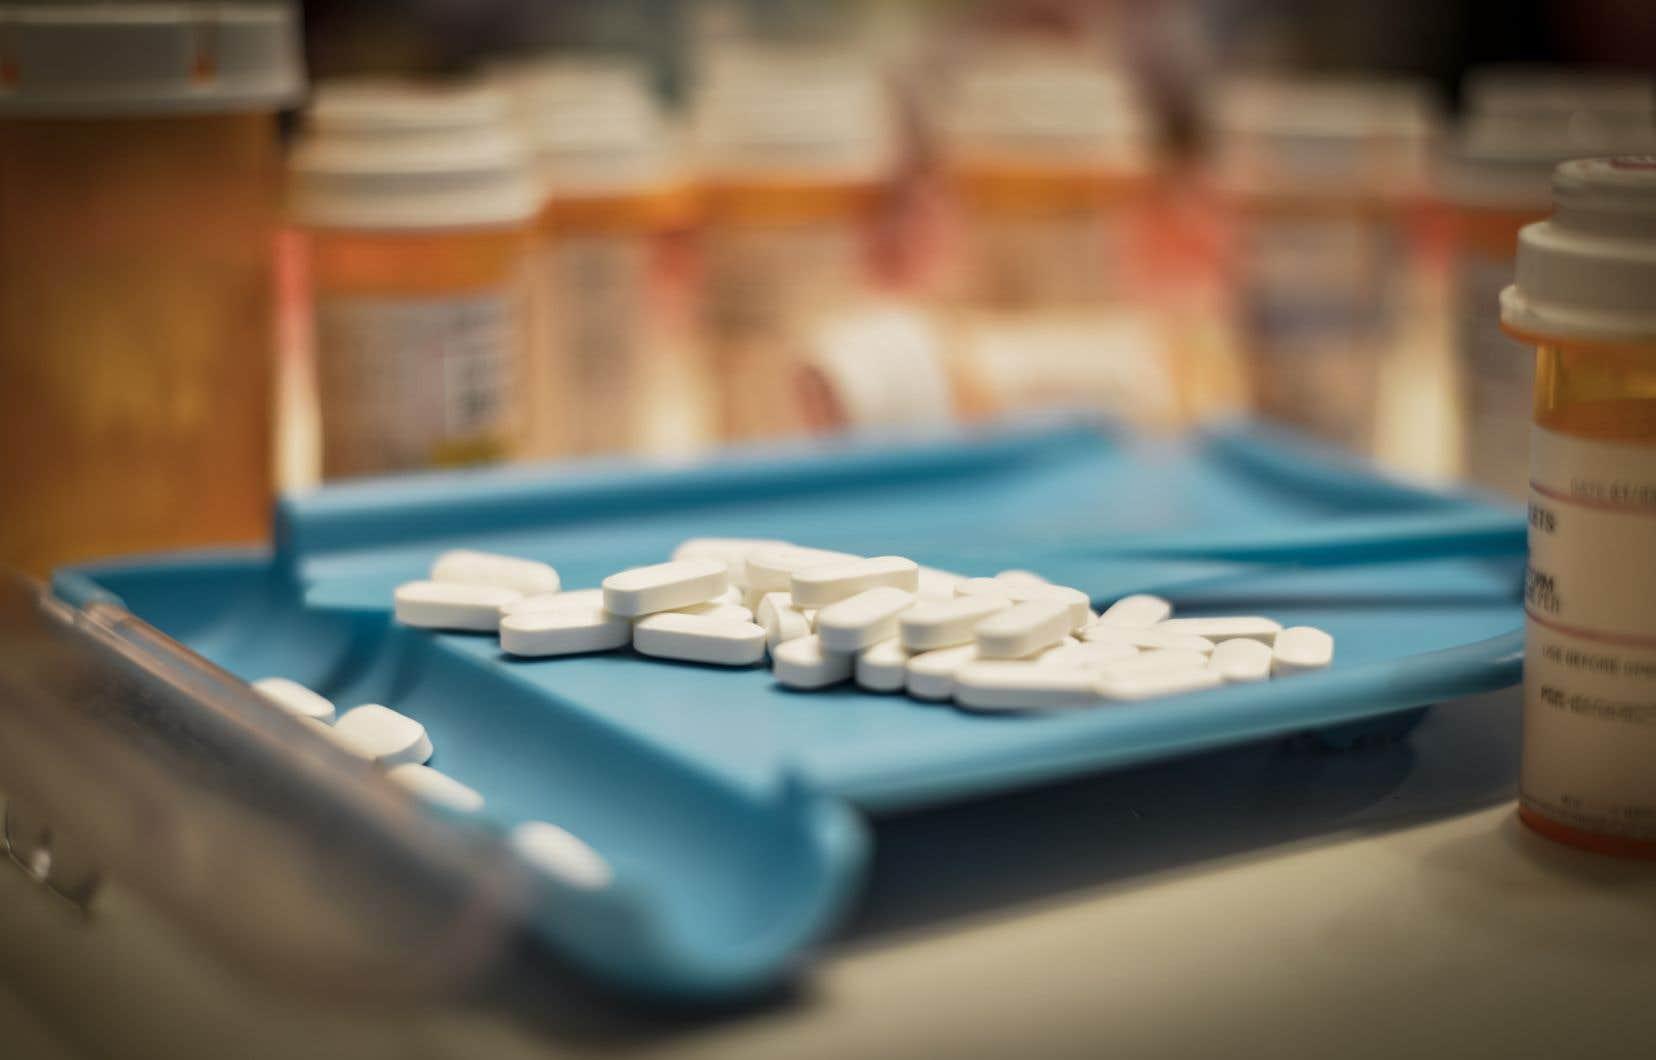 C'est après avoir constaté que les médicaments qu'on lui avait facturés valaient quelques dollars que le patient a porté plainte.